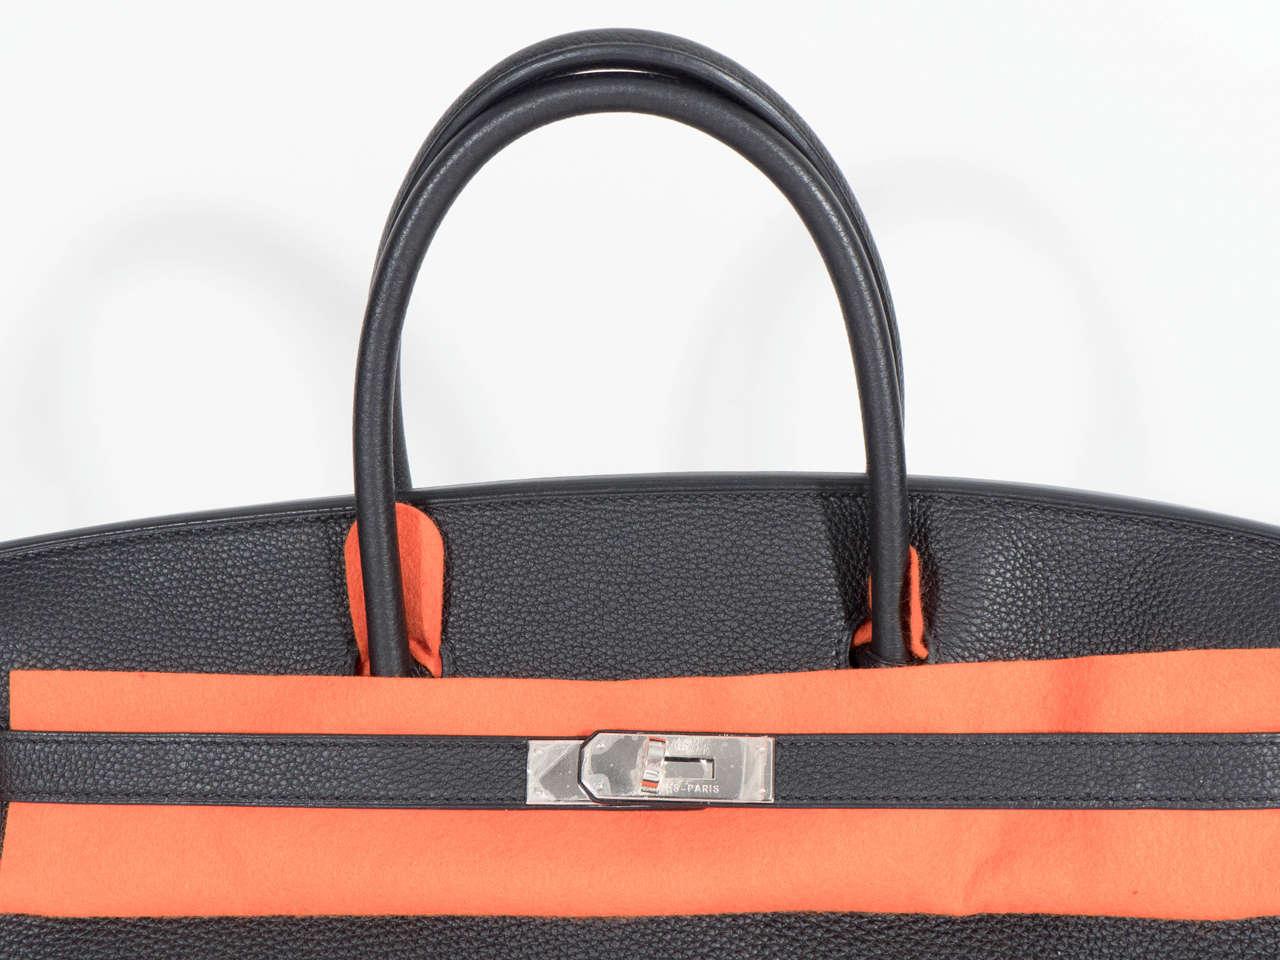 Hermès Paris Birkin Bag 40 in Togo Leather with Palladium Hardware, 2008 5